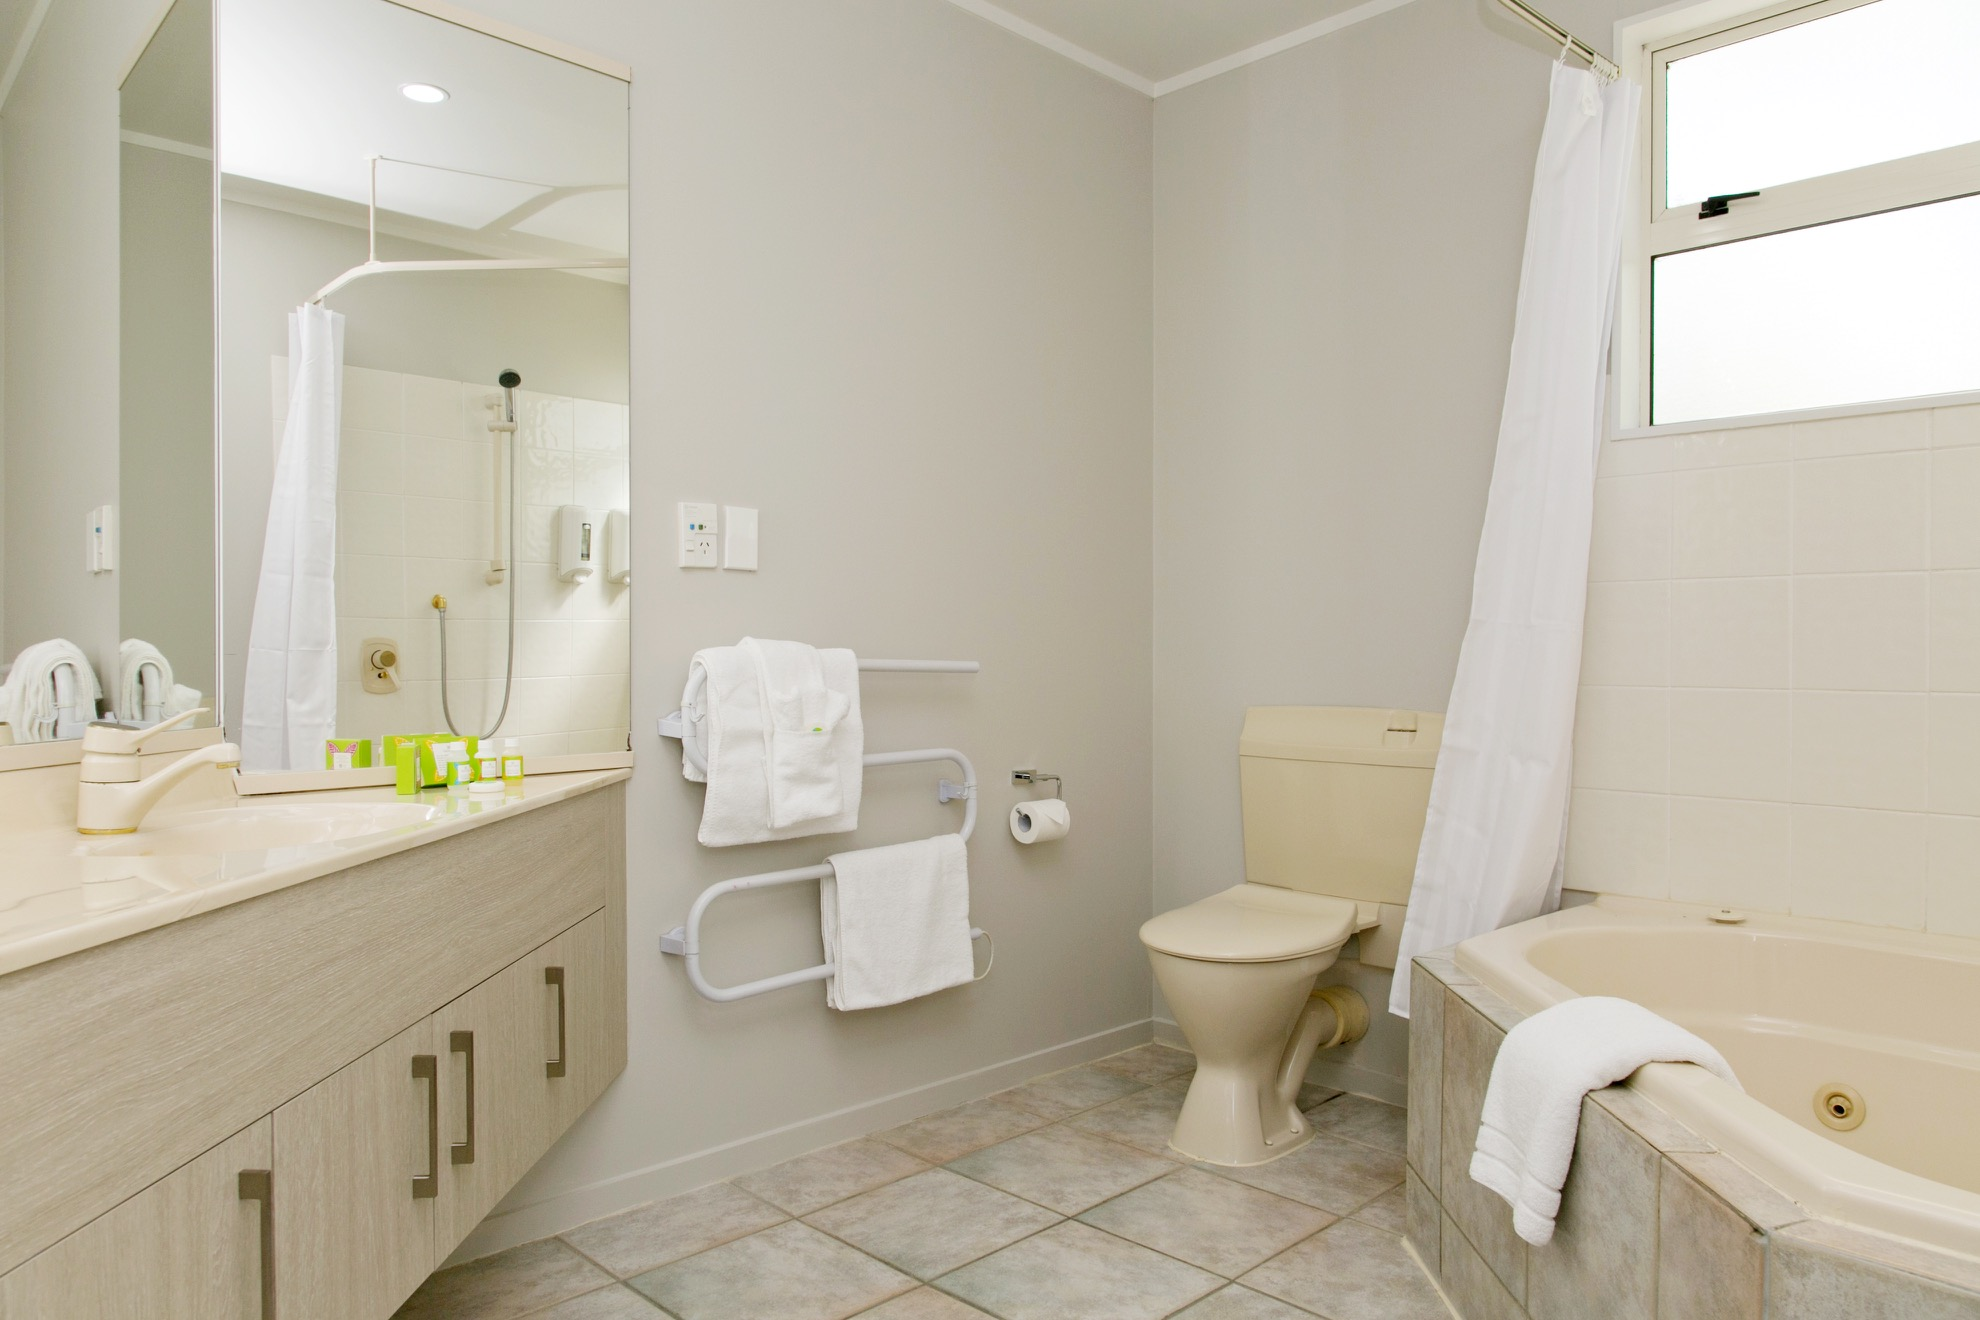 three bedroom bathroom with spa bath.jpg